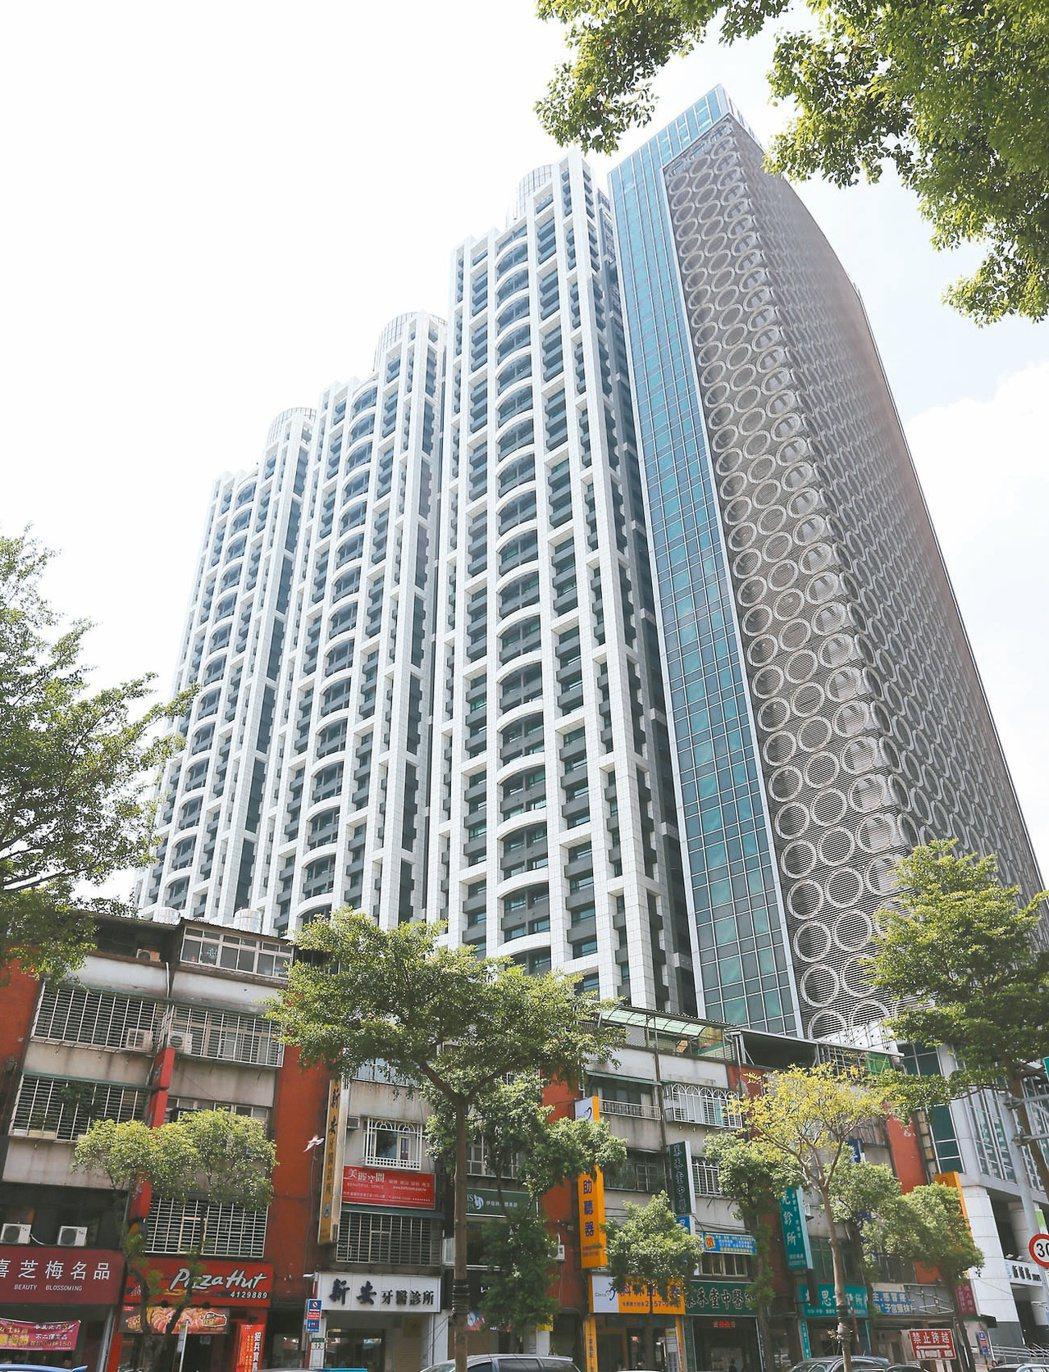 圖為新北市板橋新巨蛋社區,是新北市的熱門住宅社區。 報系資料照